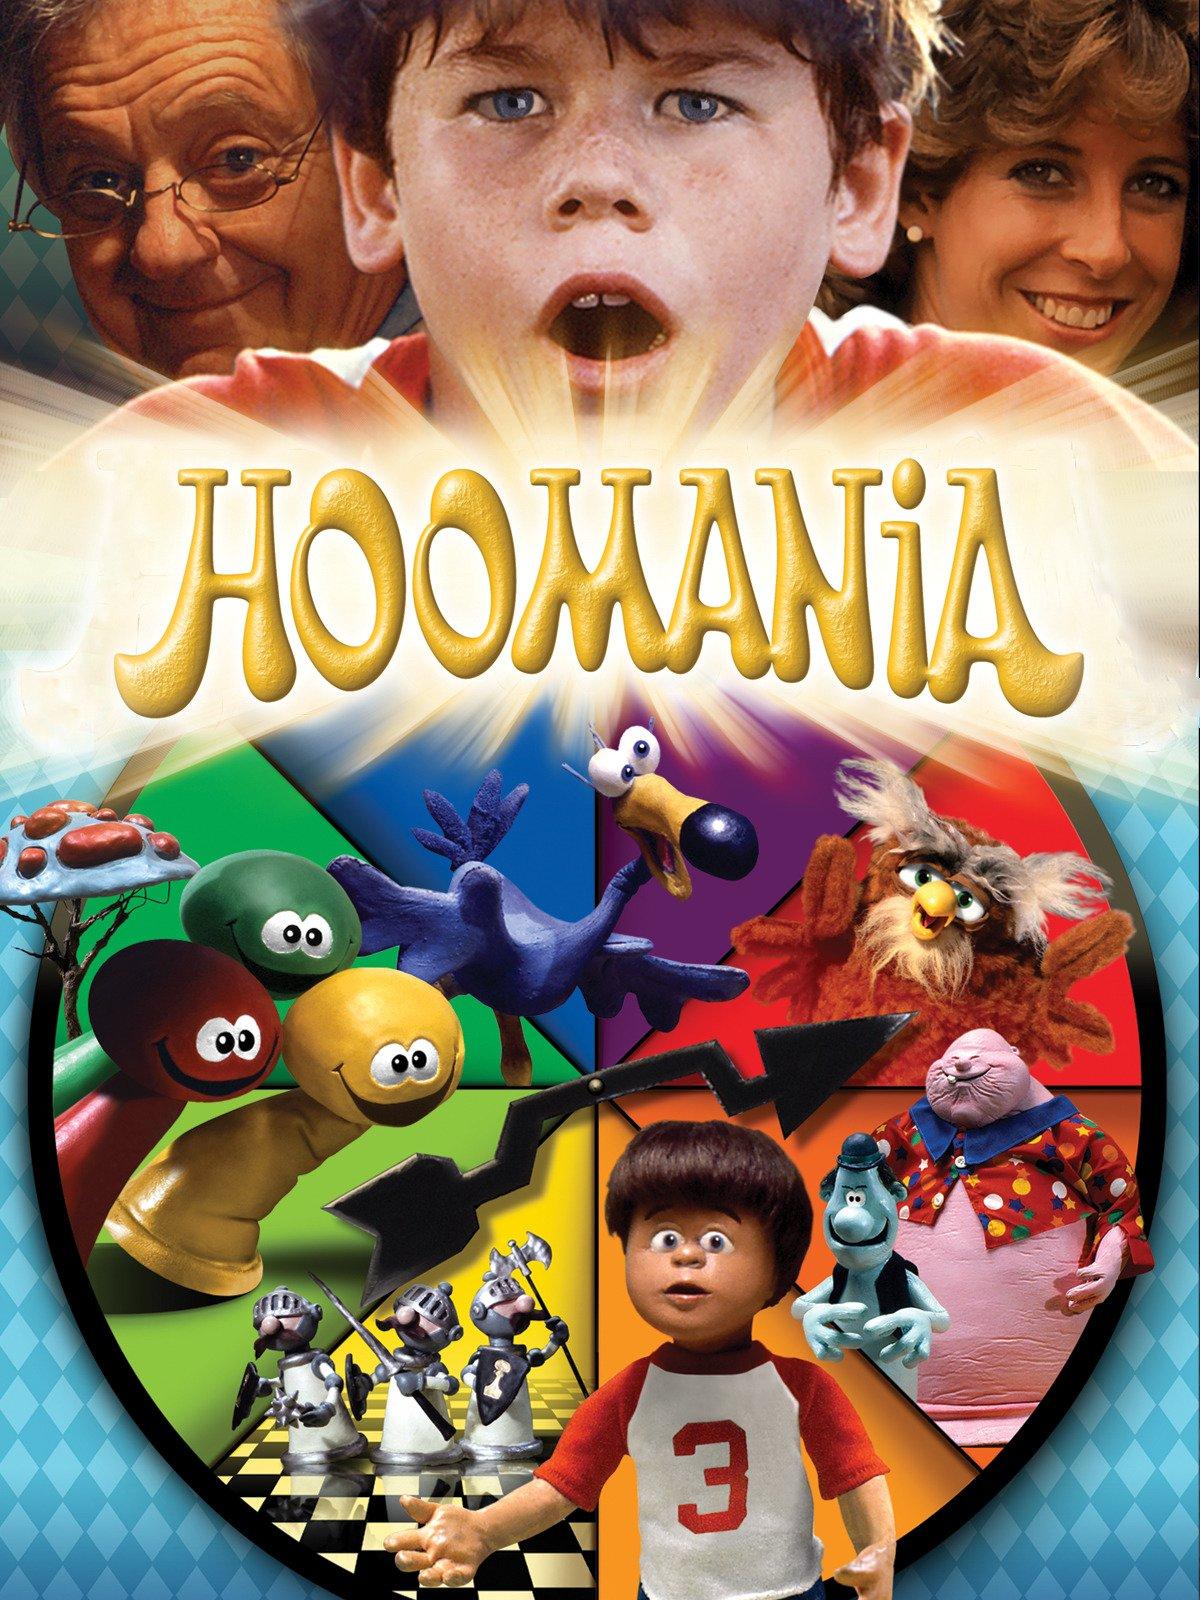 Hoomania on Amazon Prime Instant Video UK